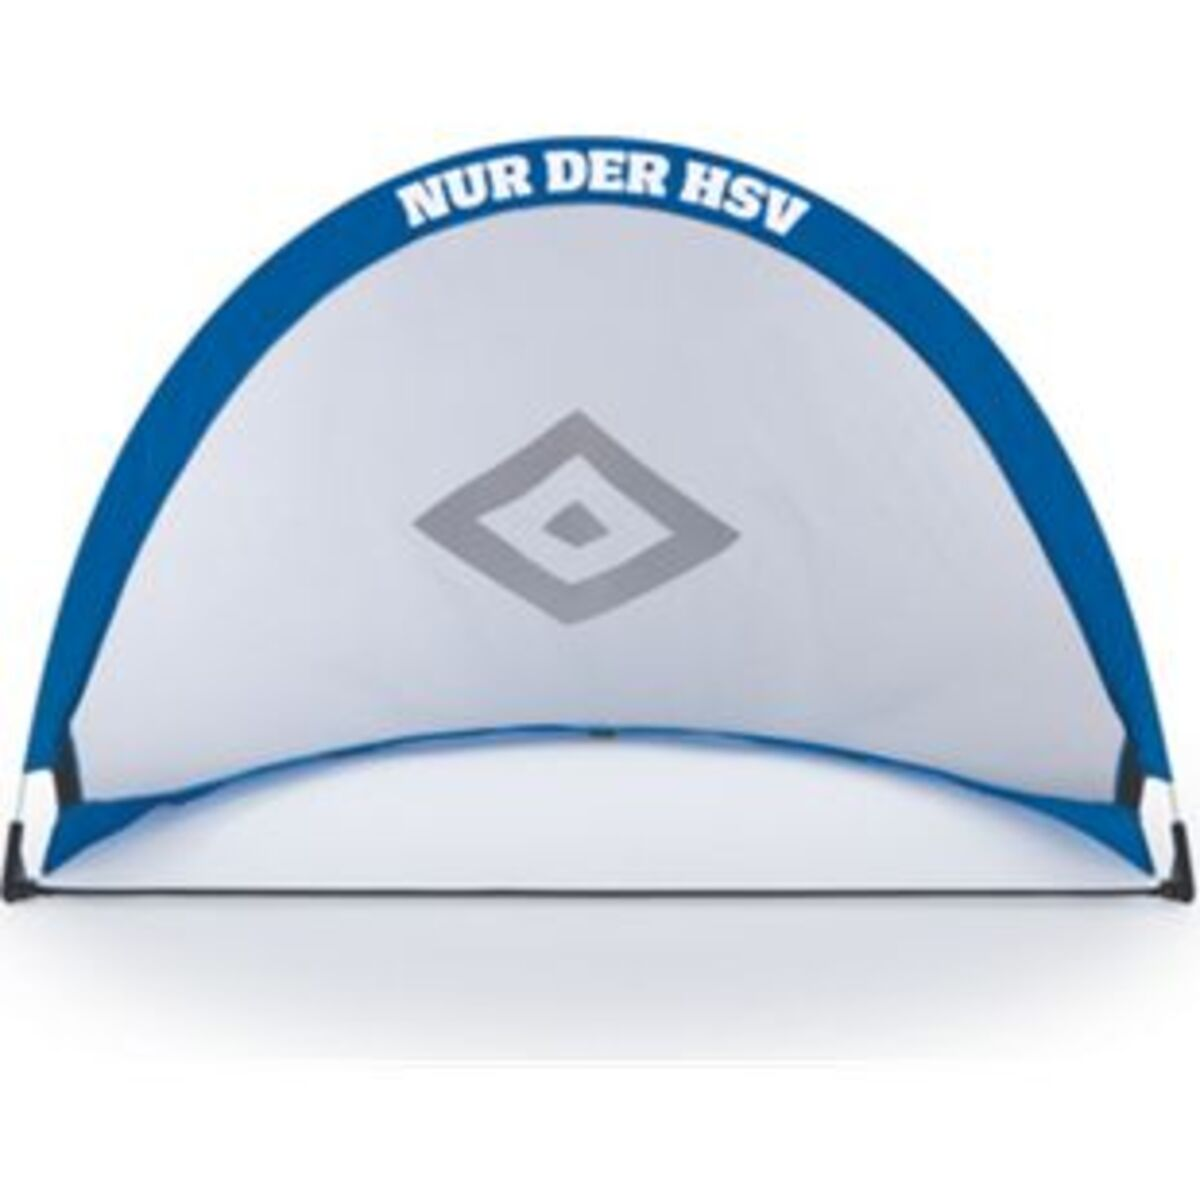 Bild 2 von HSV Fußballtor faltbar blau/weiß/schwarz mit Logo